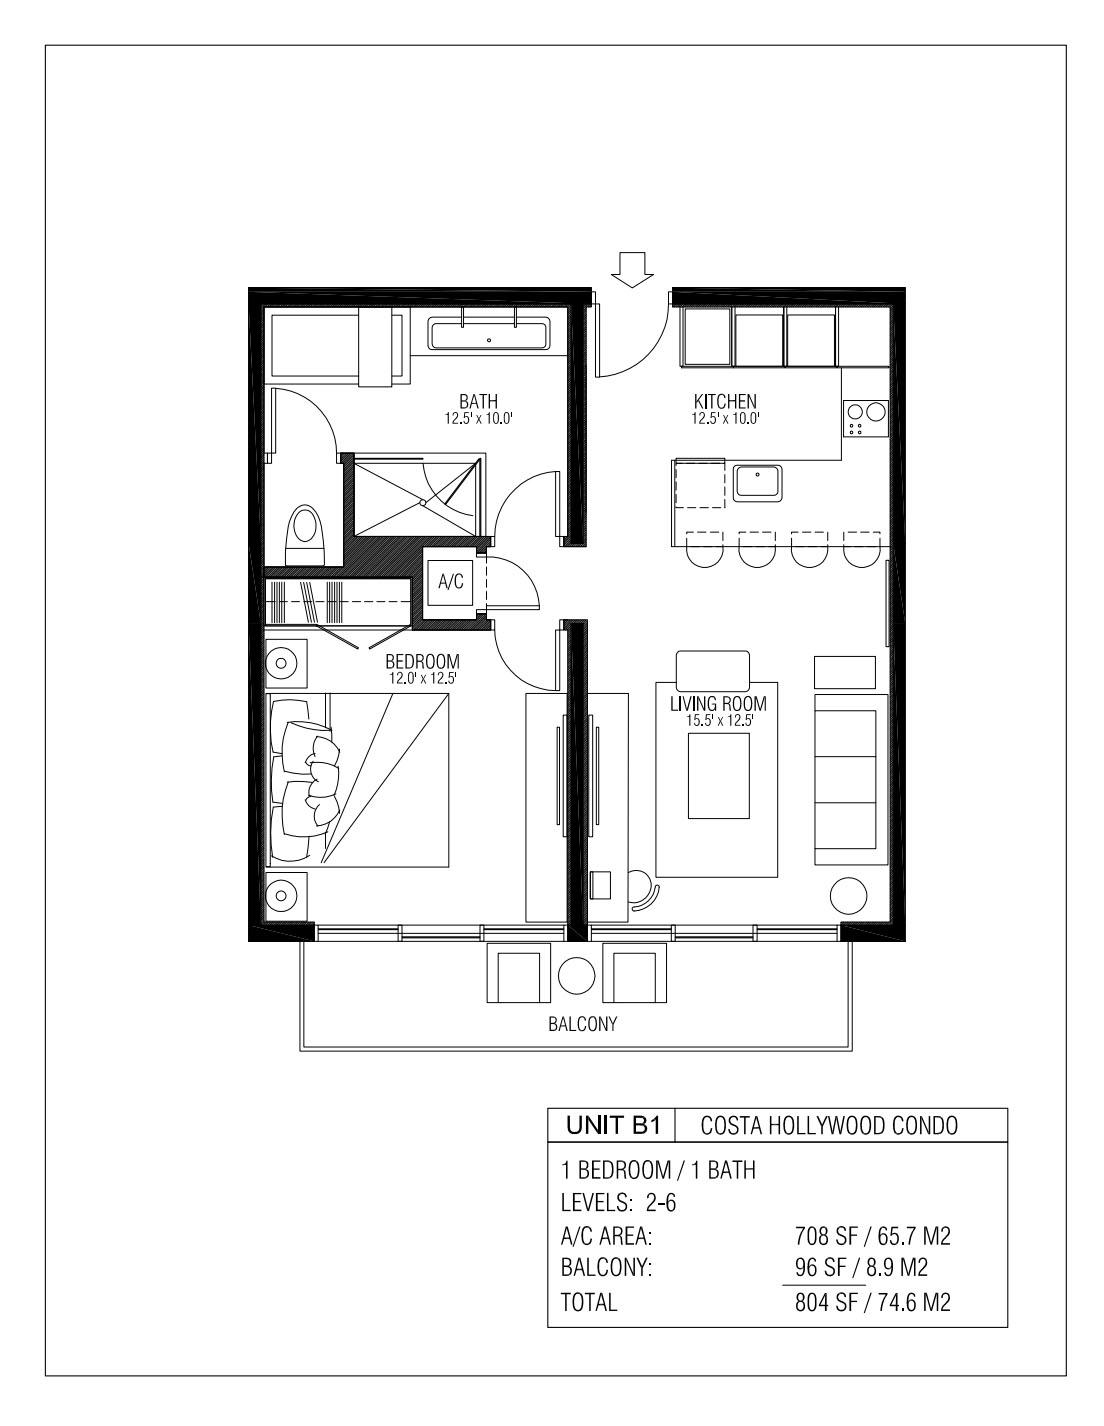 Melia Costa Hollywood - Floorplan 6